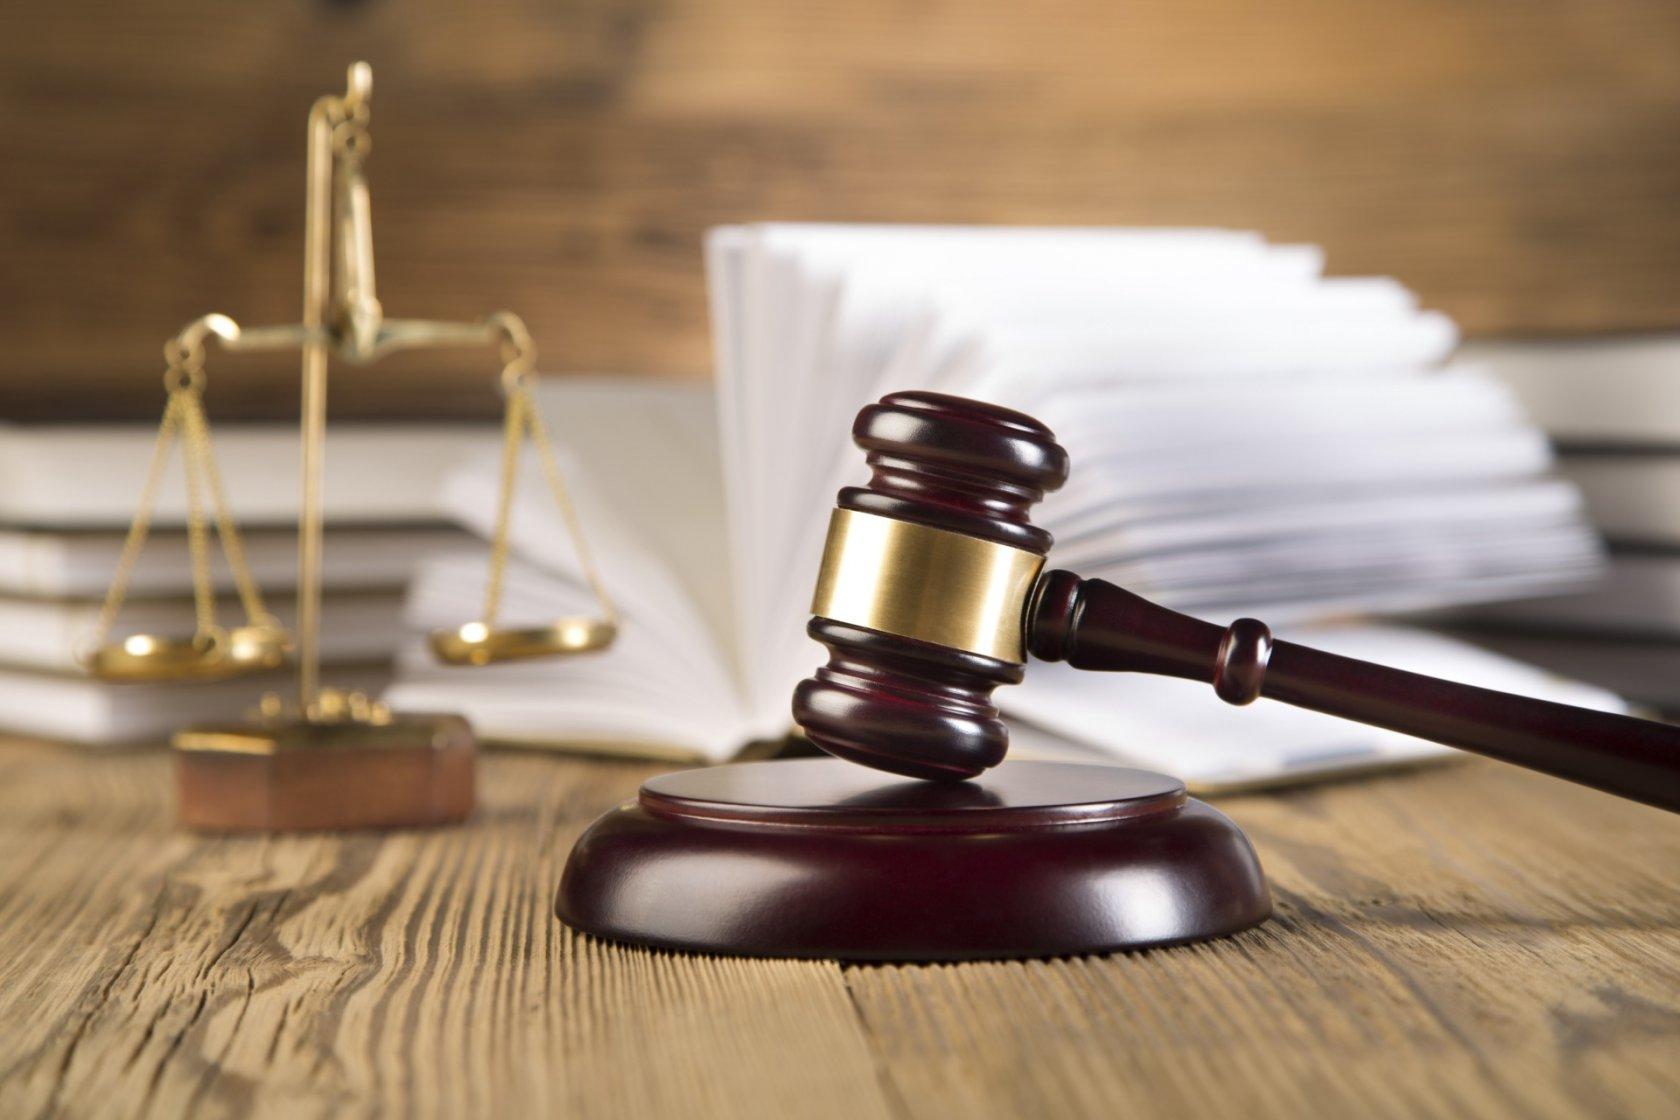 надежды юридические колледжи с гражданским делам скоро